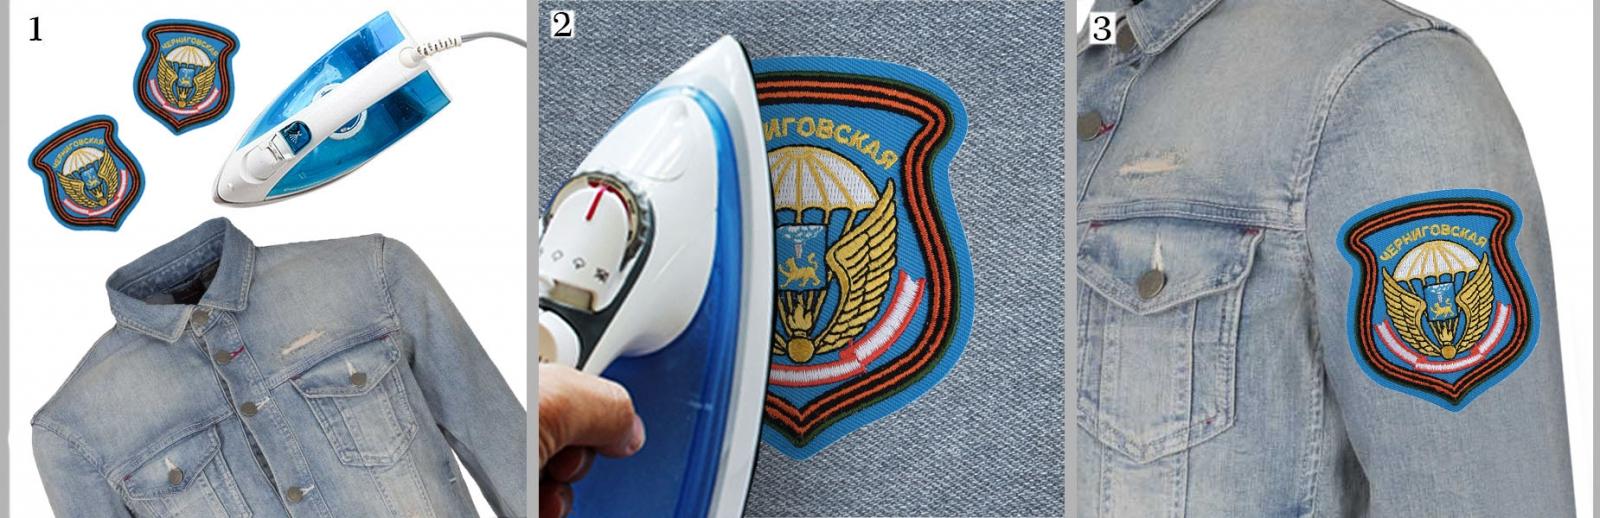 Эмблема-нашивка «76 Черниговская дивизия ВДВ» на куртке